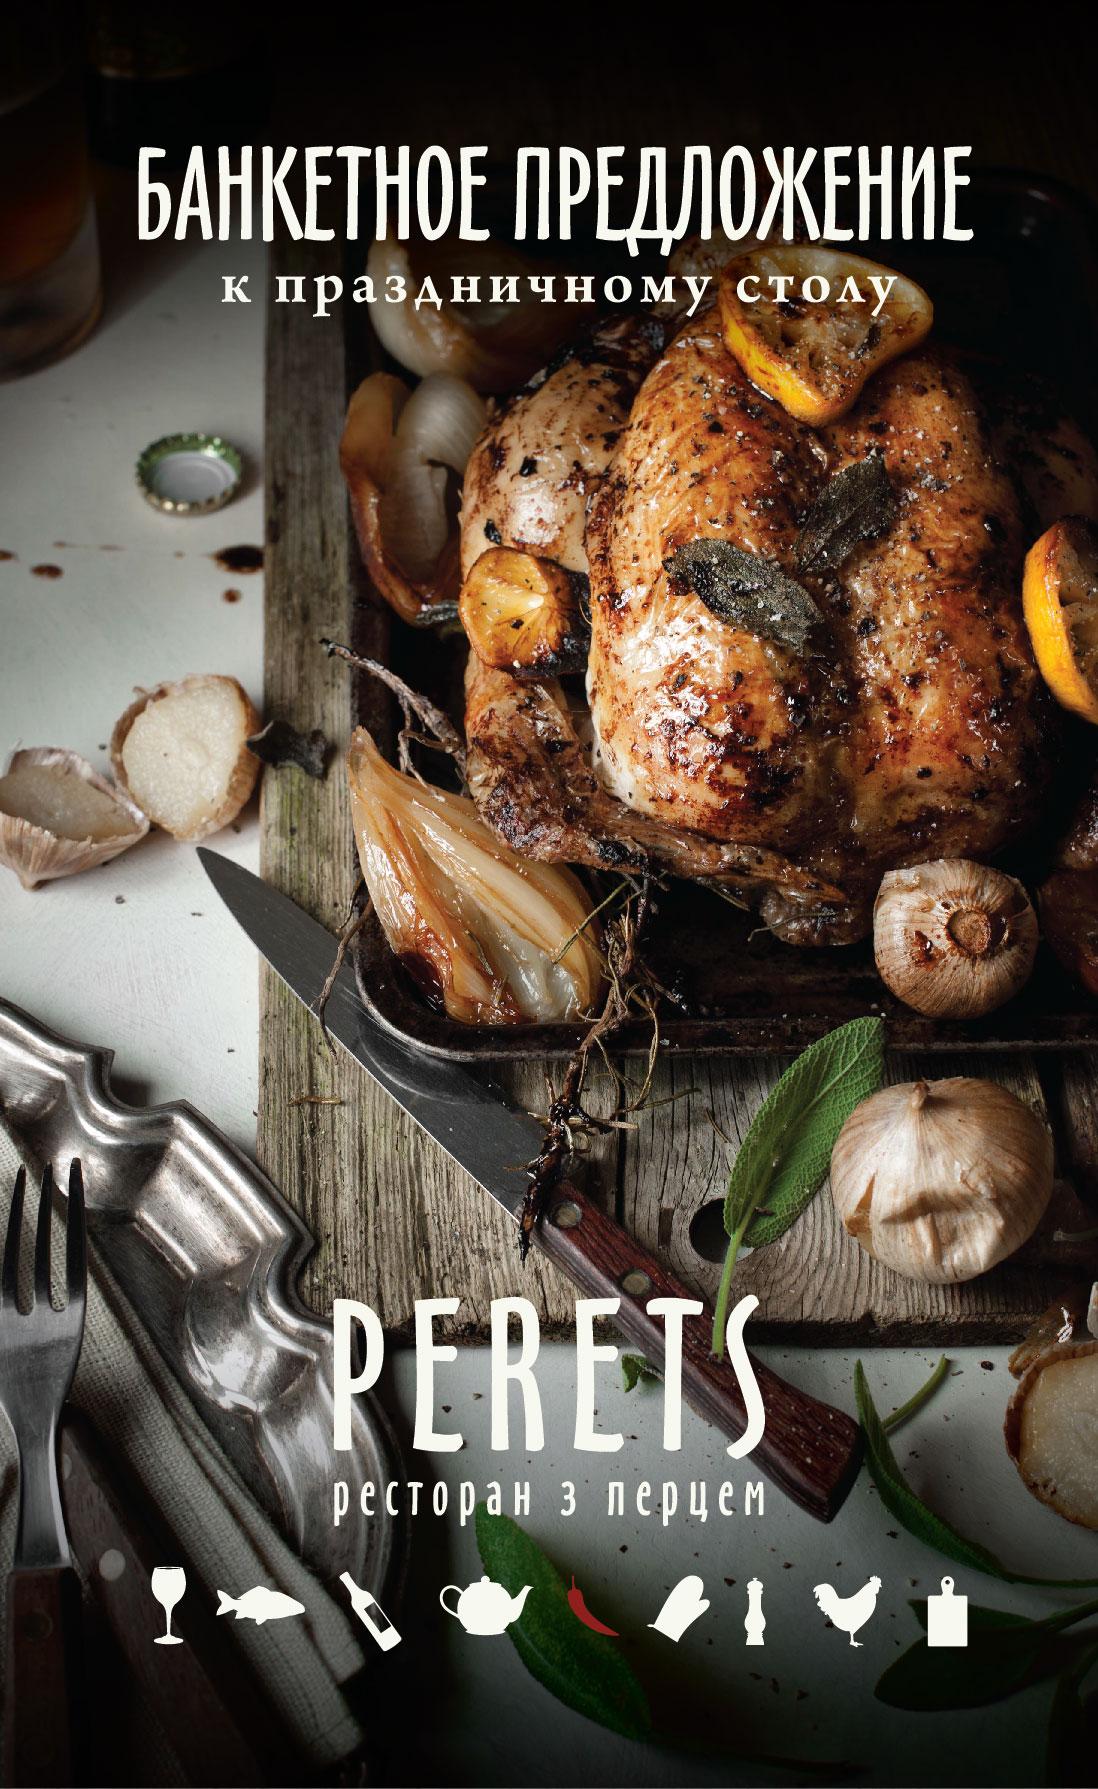 Банкетное меню ресторана PERETS